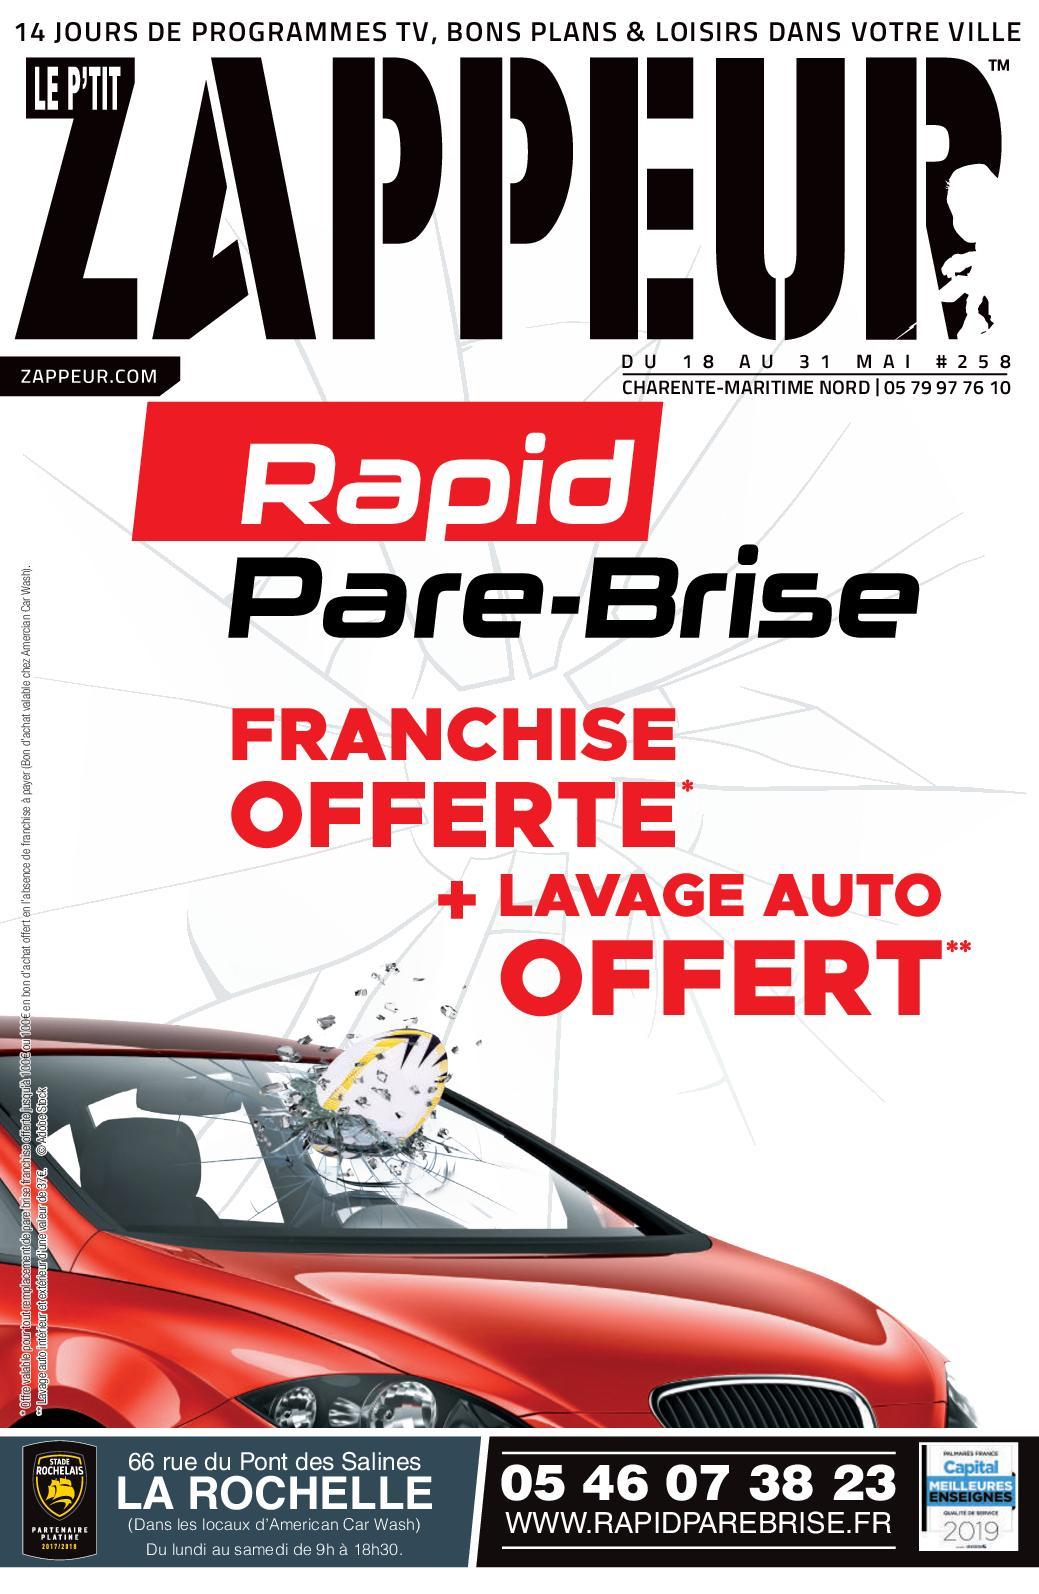 P'tit Larochelle258 Zappeur Calaméo Calaméo Le Le QrtsdCh